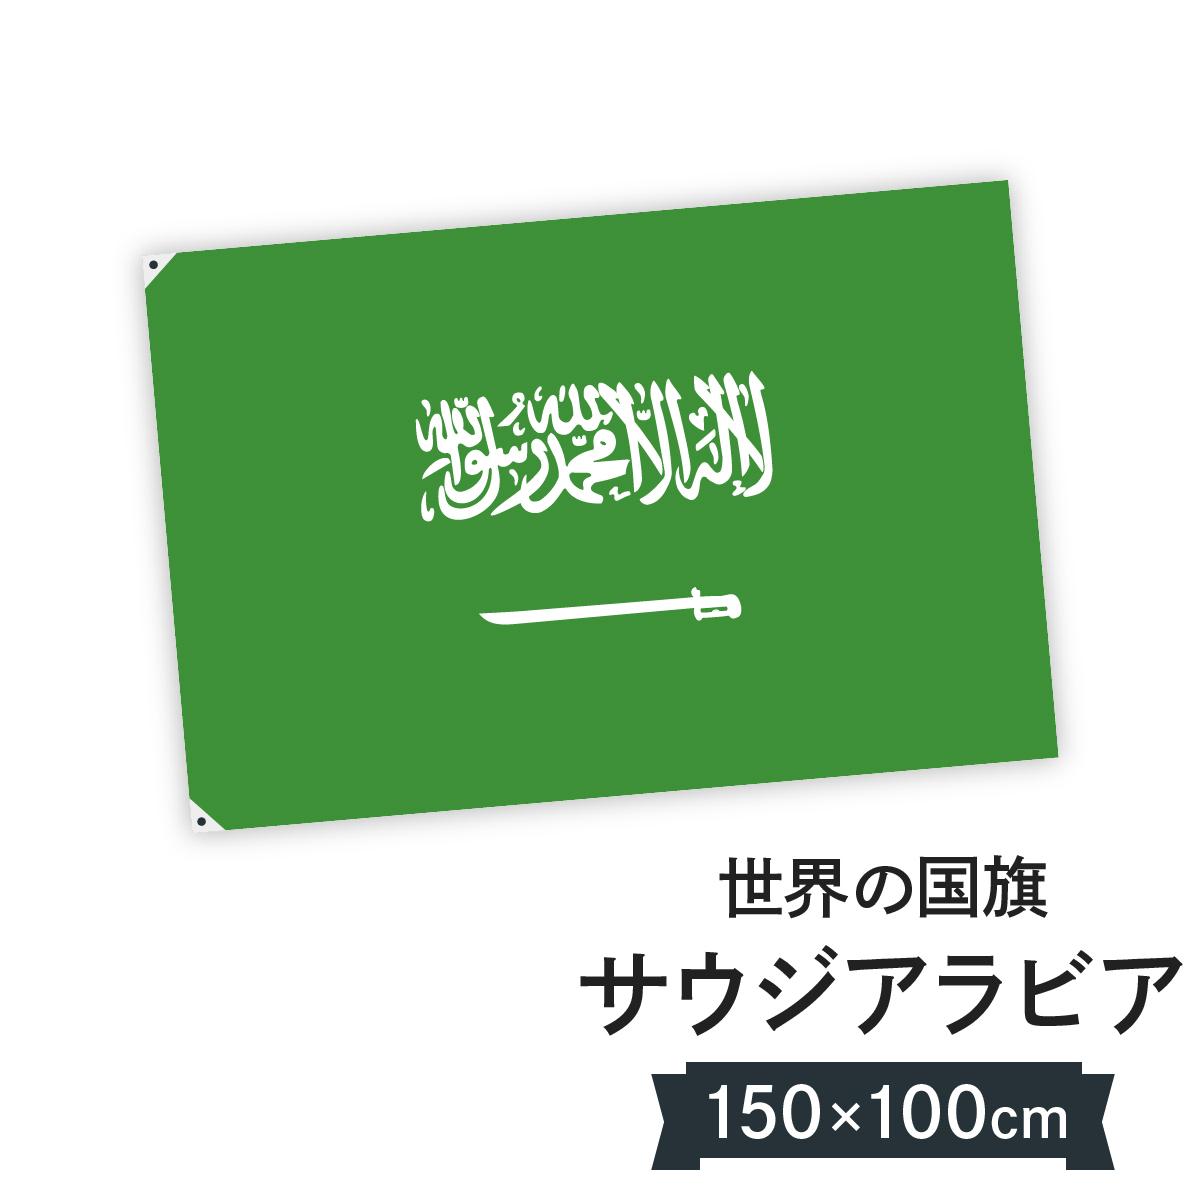 サウジアラビア王国 国旗 W150cm H100cm